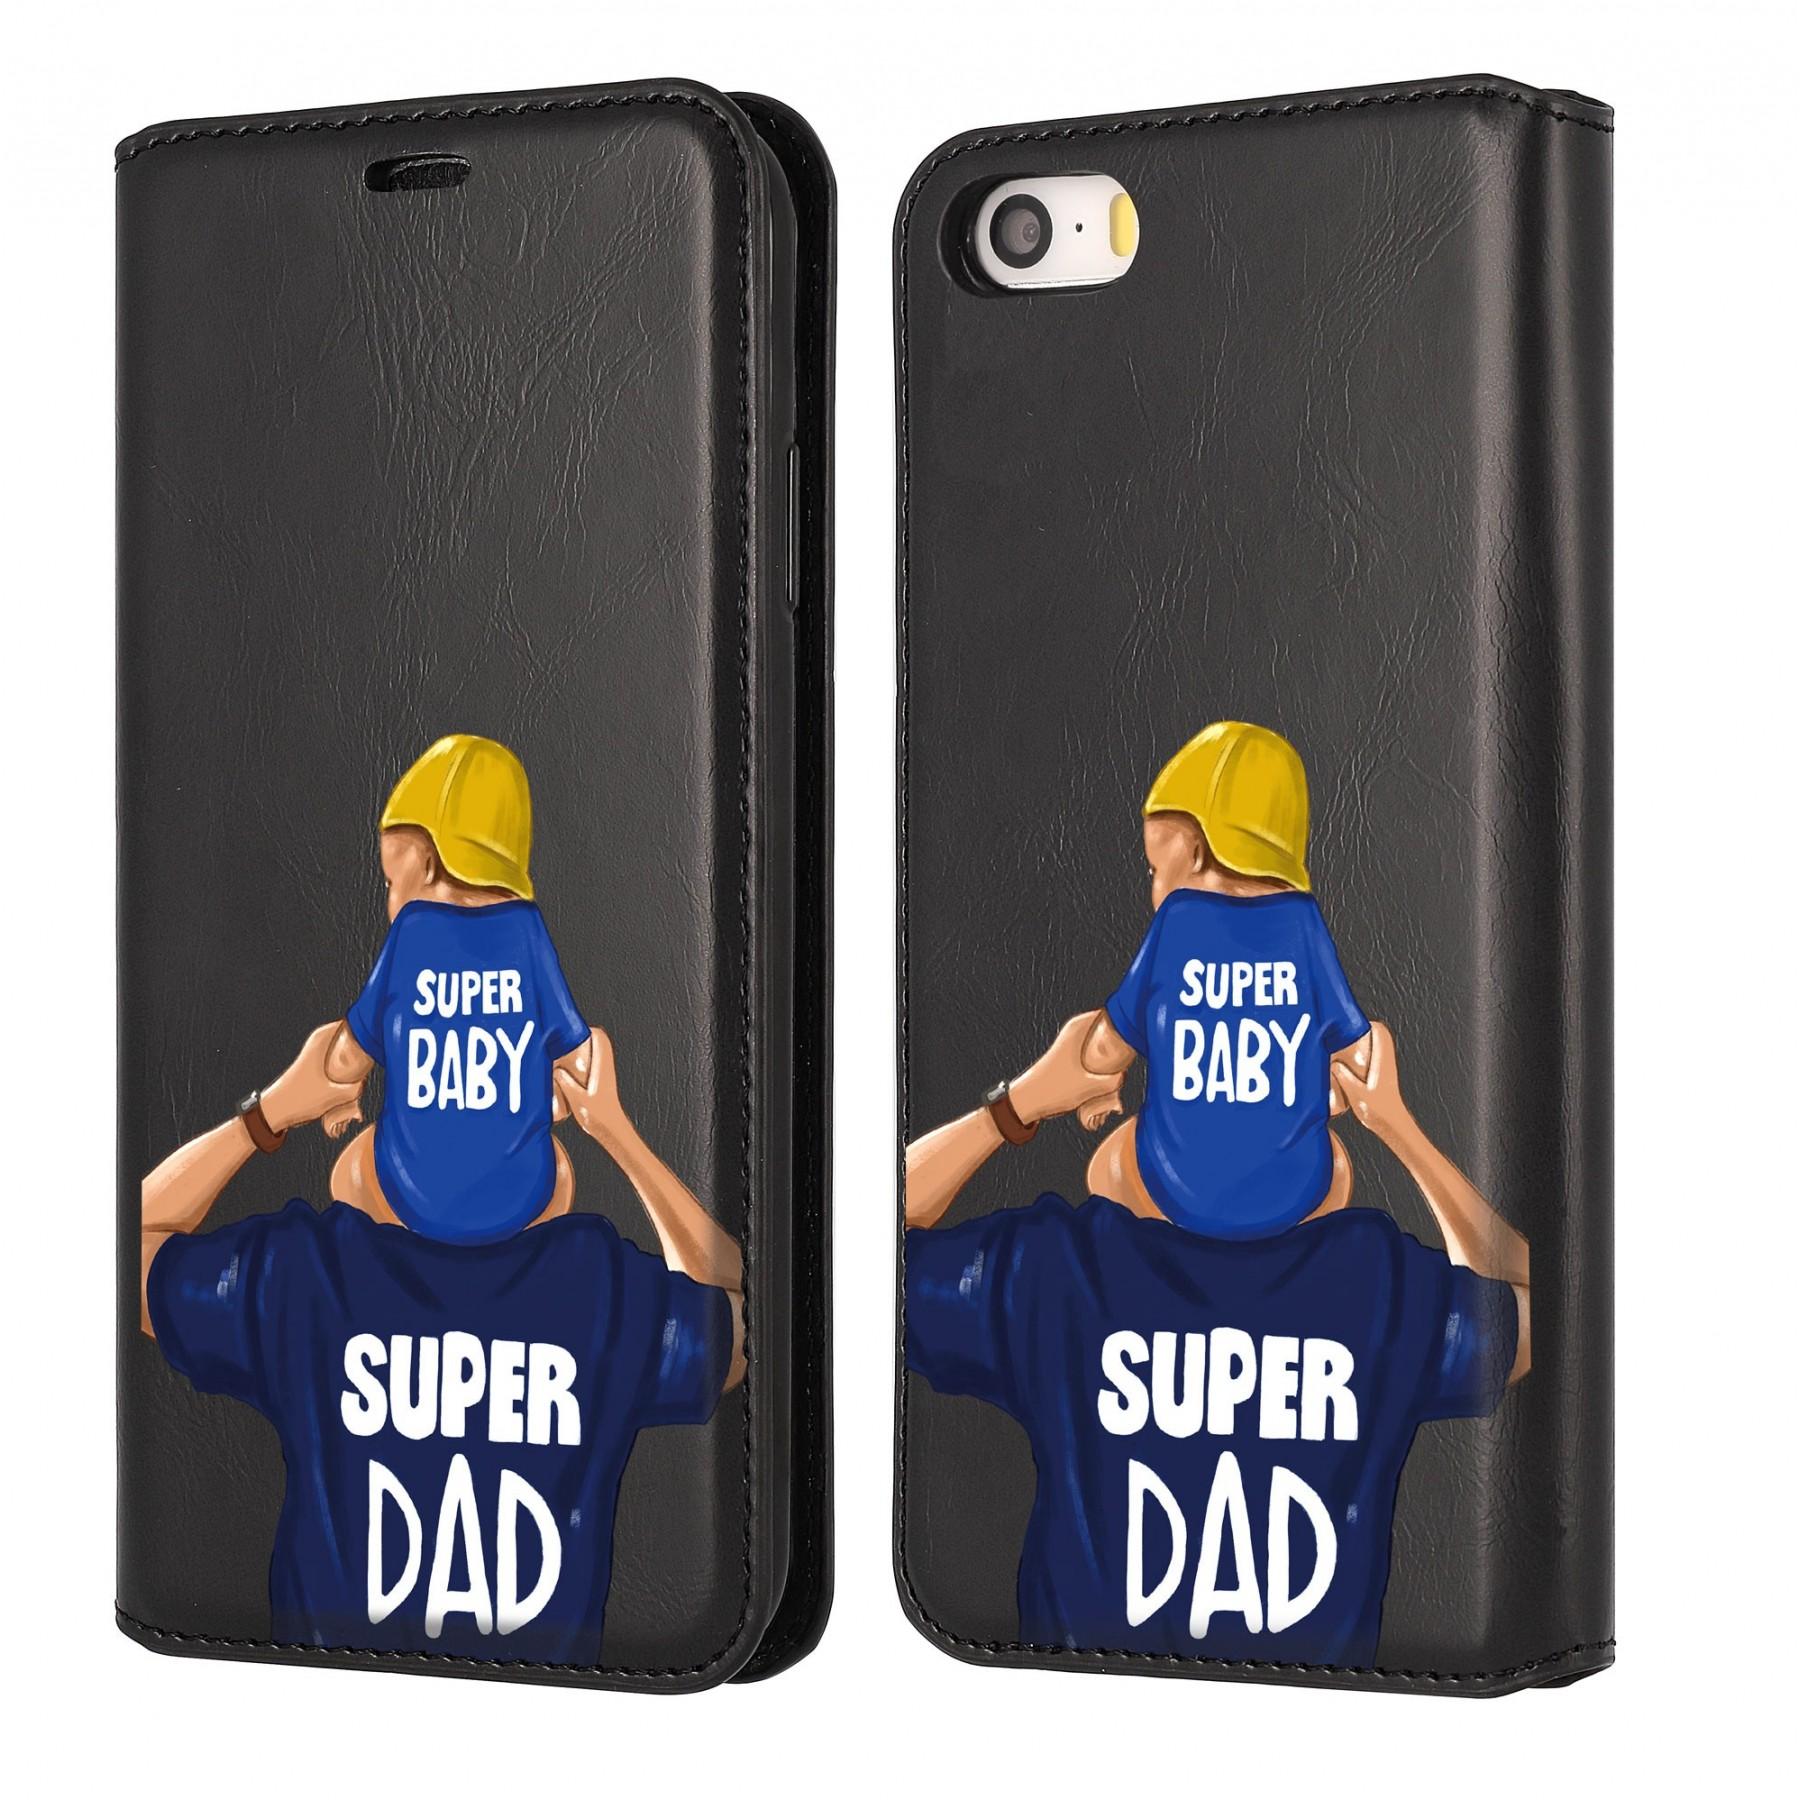 Etui à clapet baby papa personnalisable pour Iphone 5S et SE